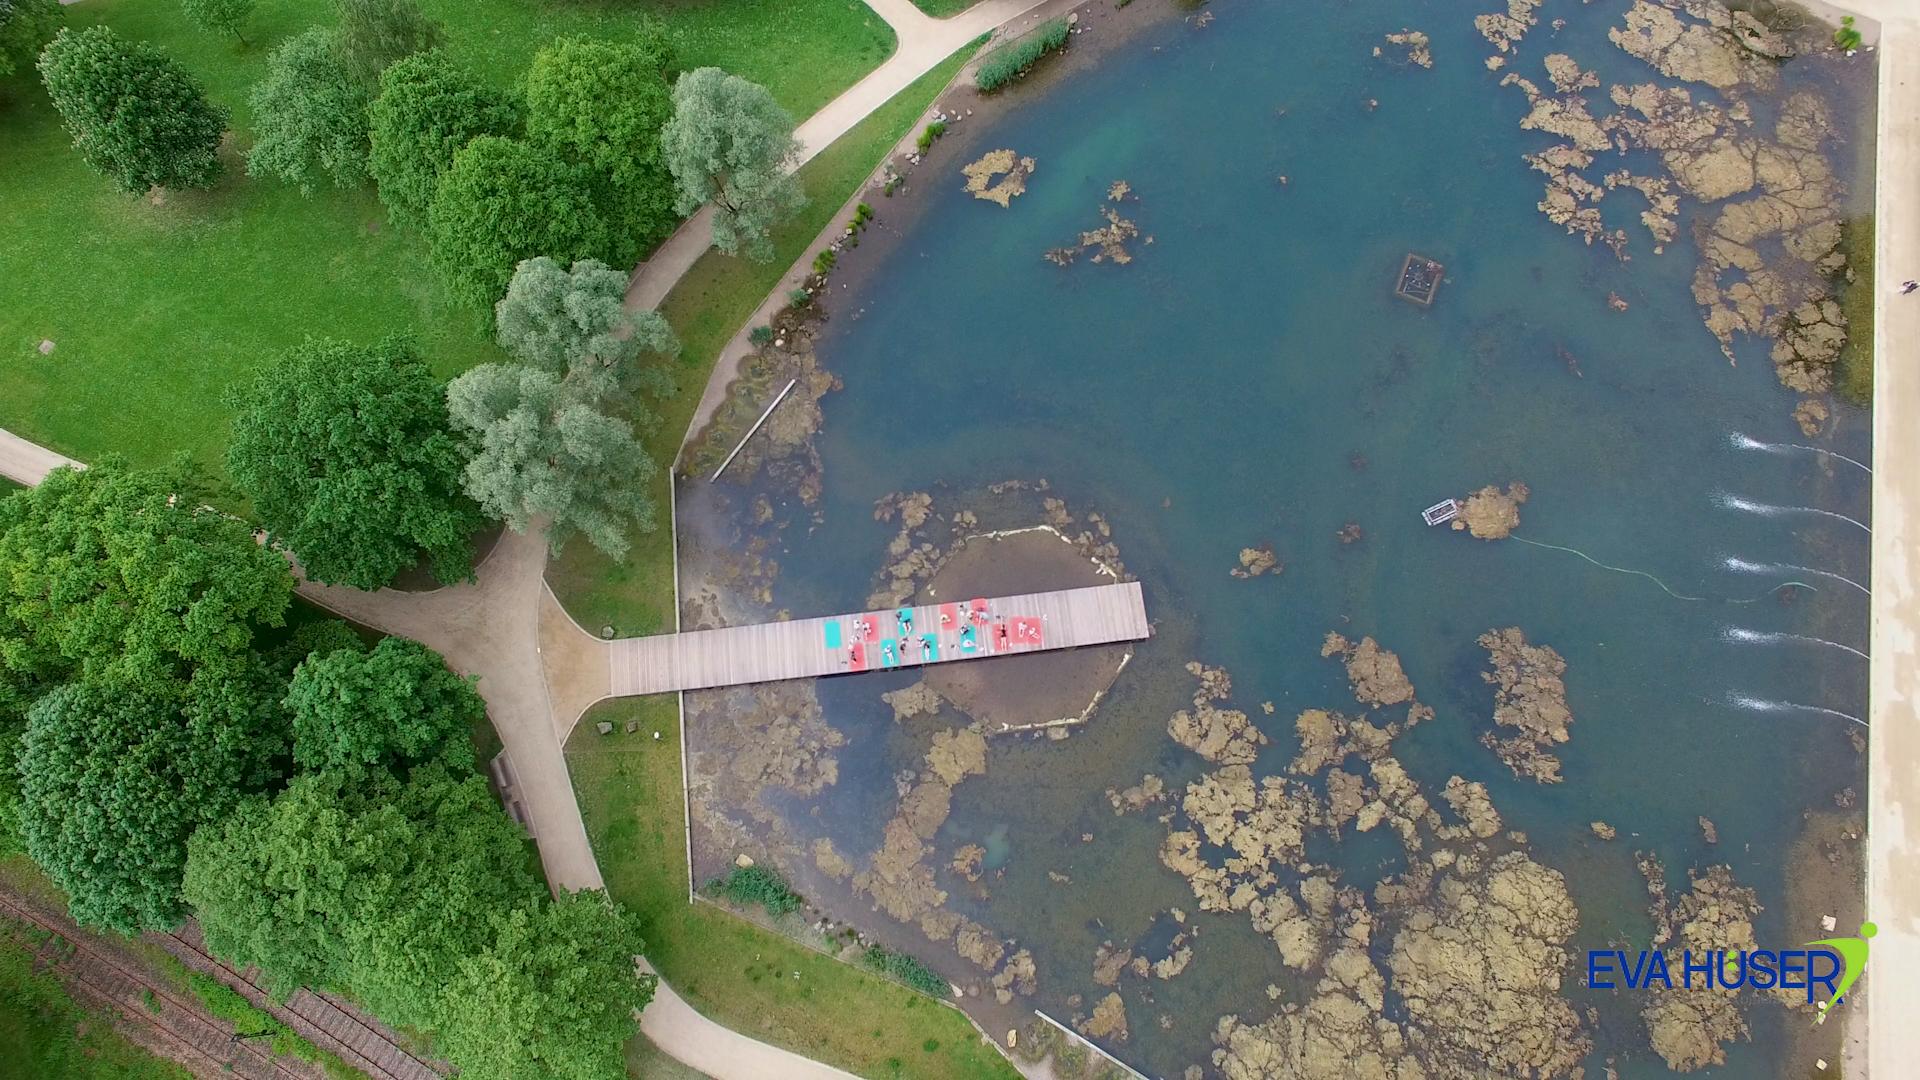 Eva Hüser Wald und See Drohnenaufnahme